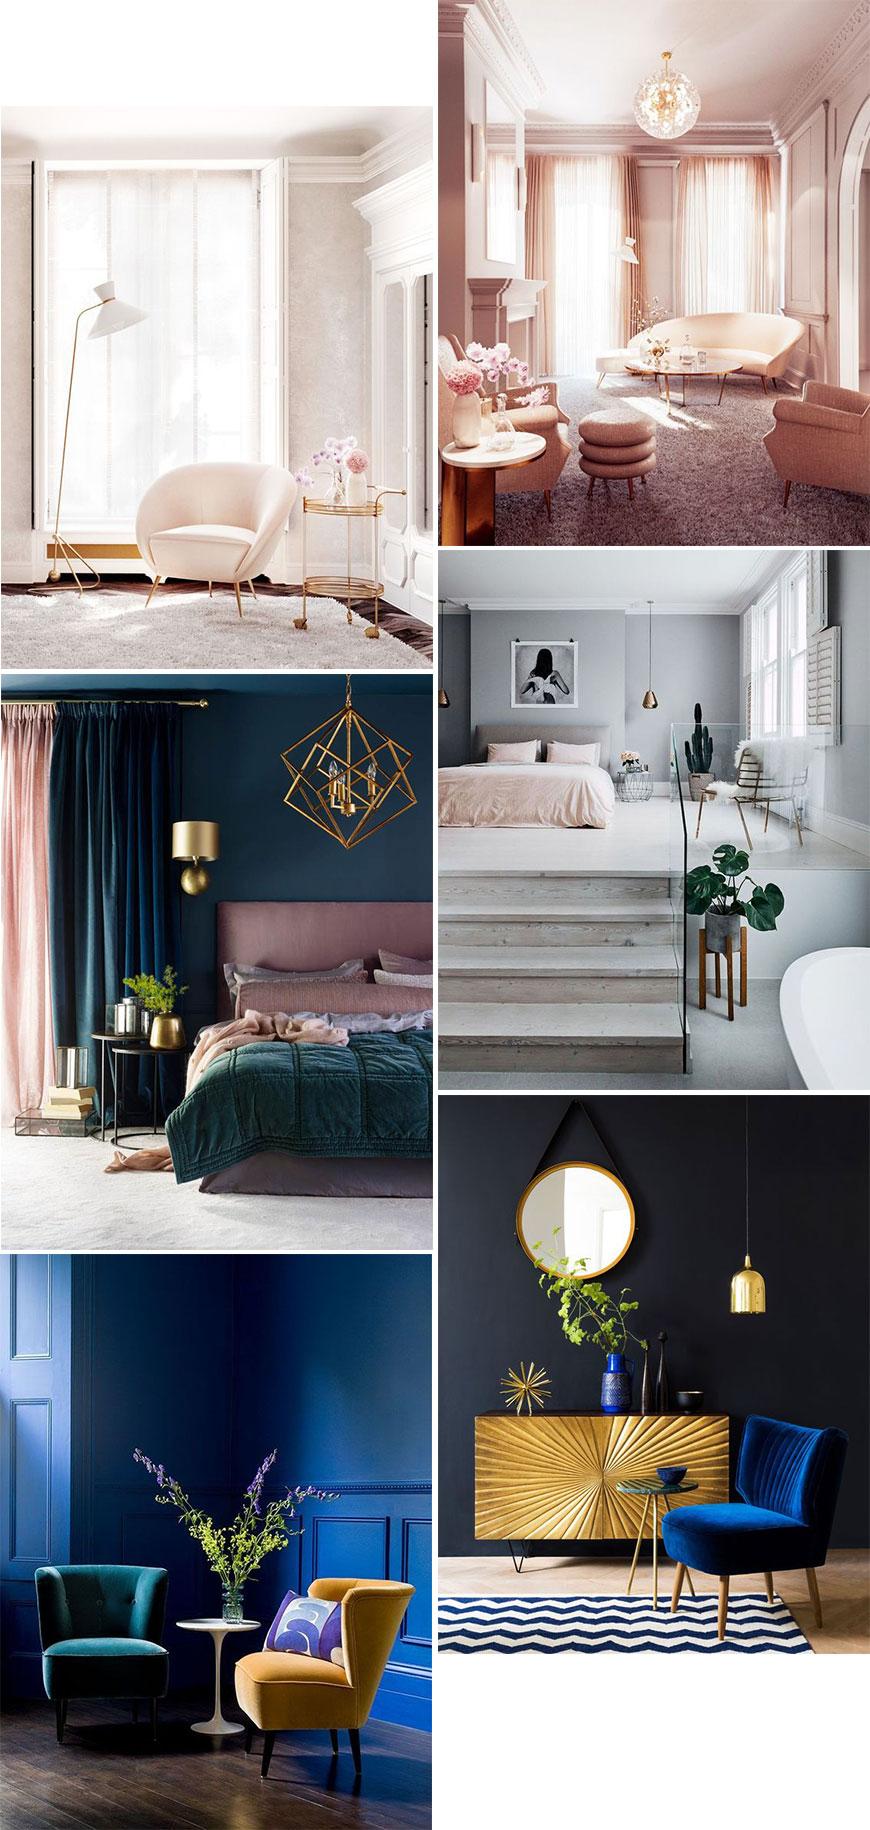 Пъстри шарки или дюс цветове - кое е по-добре за дома?